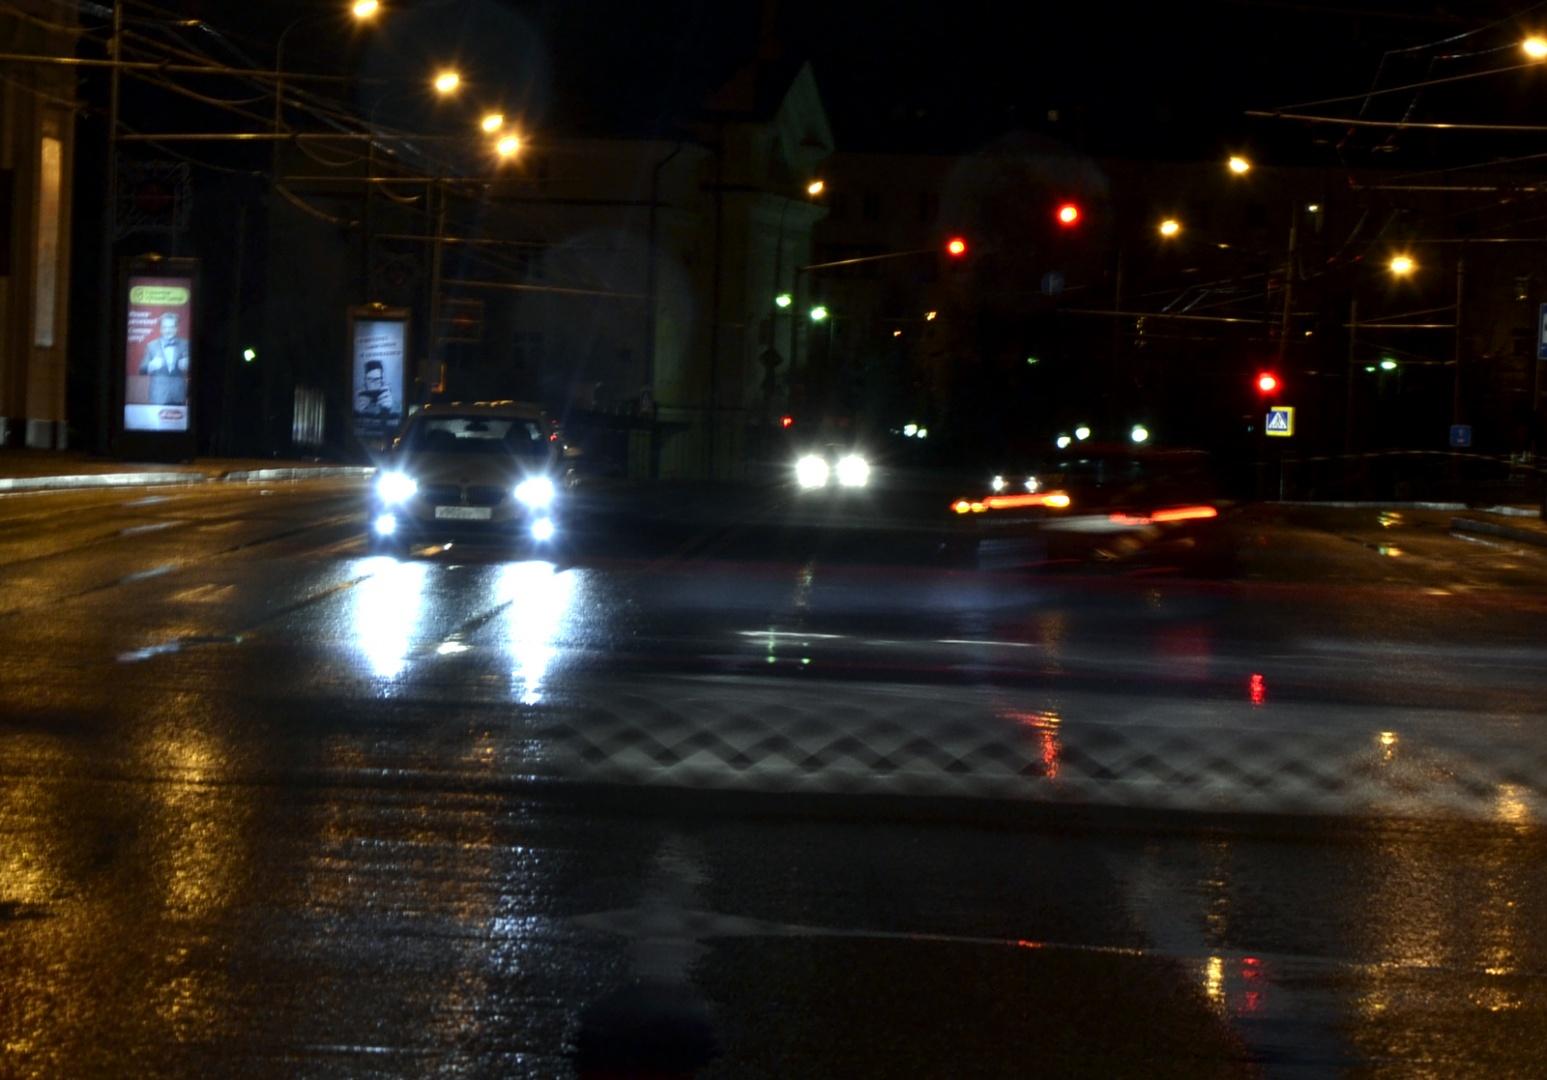 У чебоксарских водителей выявлена необычная тяга к ксеноновым фарам